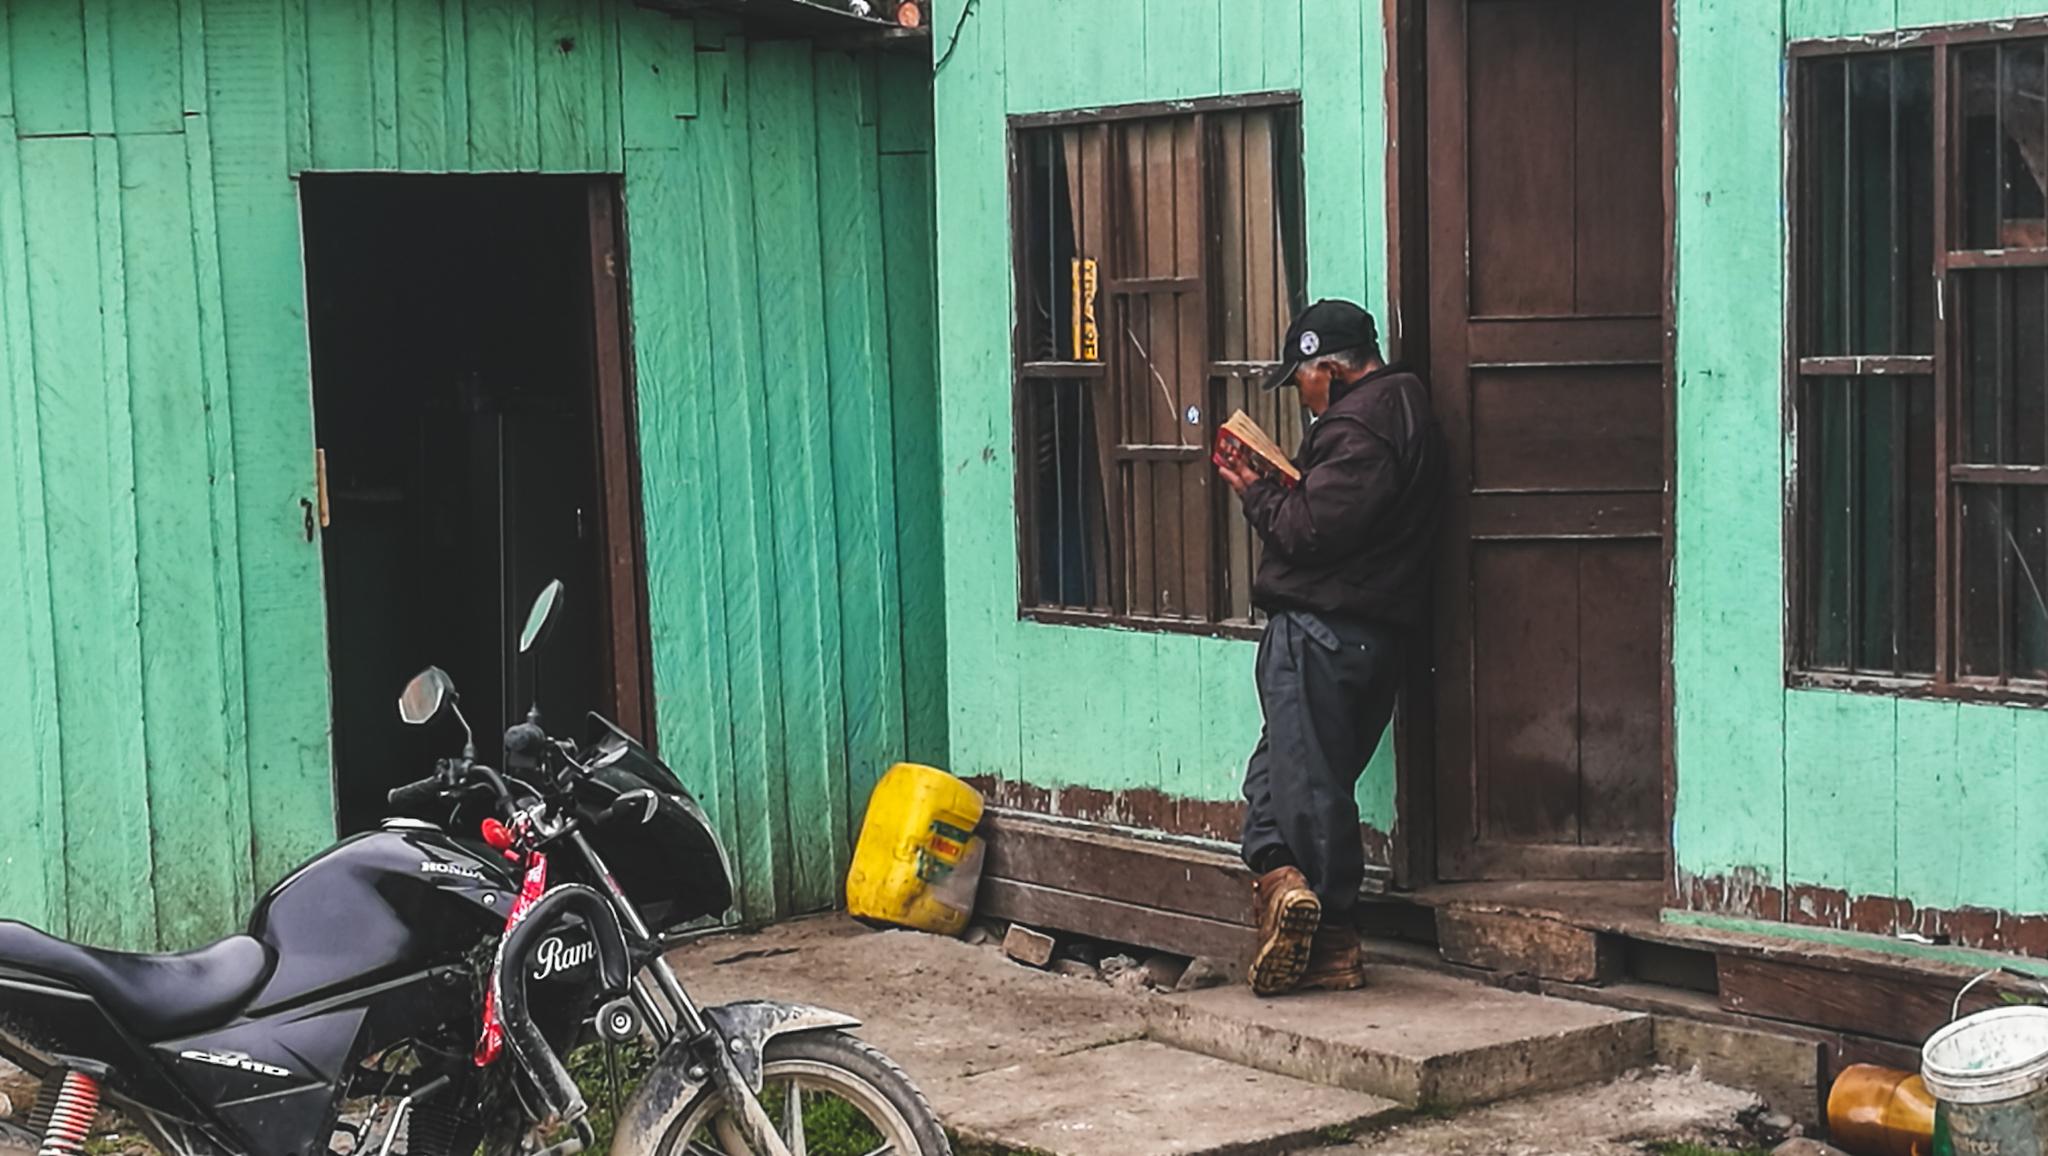 Über Popayan, Erdbeben und Irrfahren 5